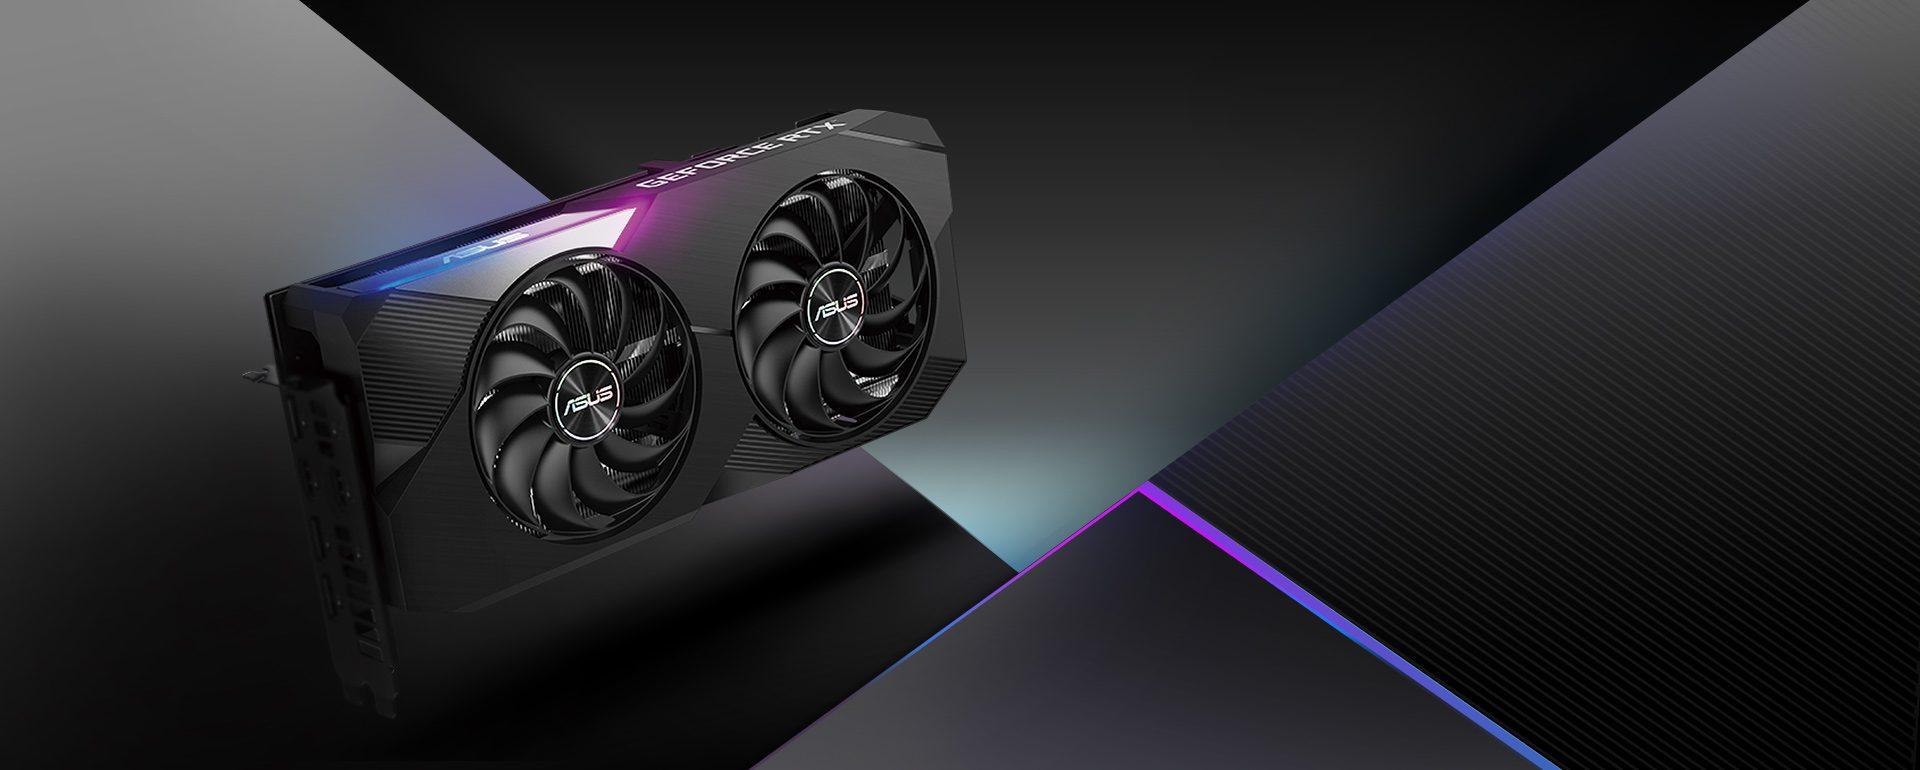 asus dual geforce rtx 3070 8gb gddr6 256bit ekran karti 16940 - ASUS DUAL GeForce RTX 3070 OC 8GB GDDR6 256Bit Ekran Kartı